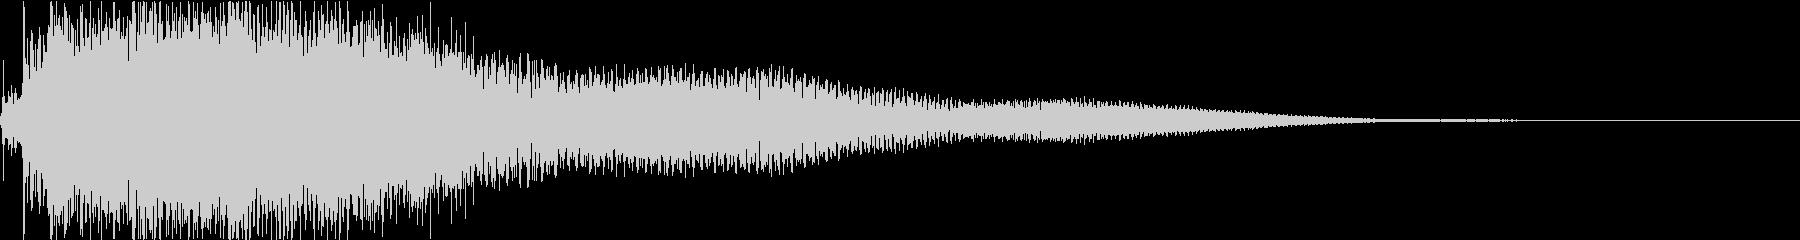 ジャラーン:アコースティックギターfの未再生の波形